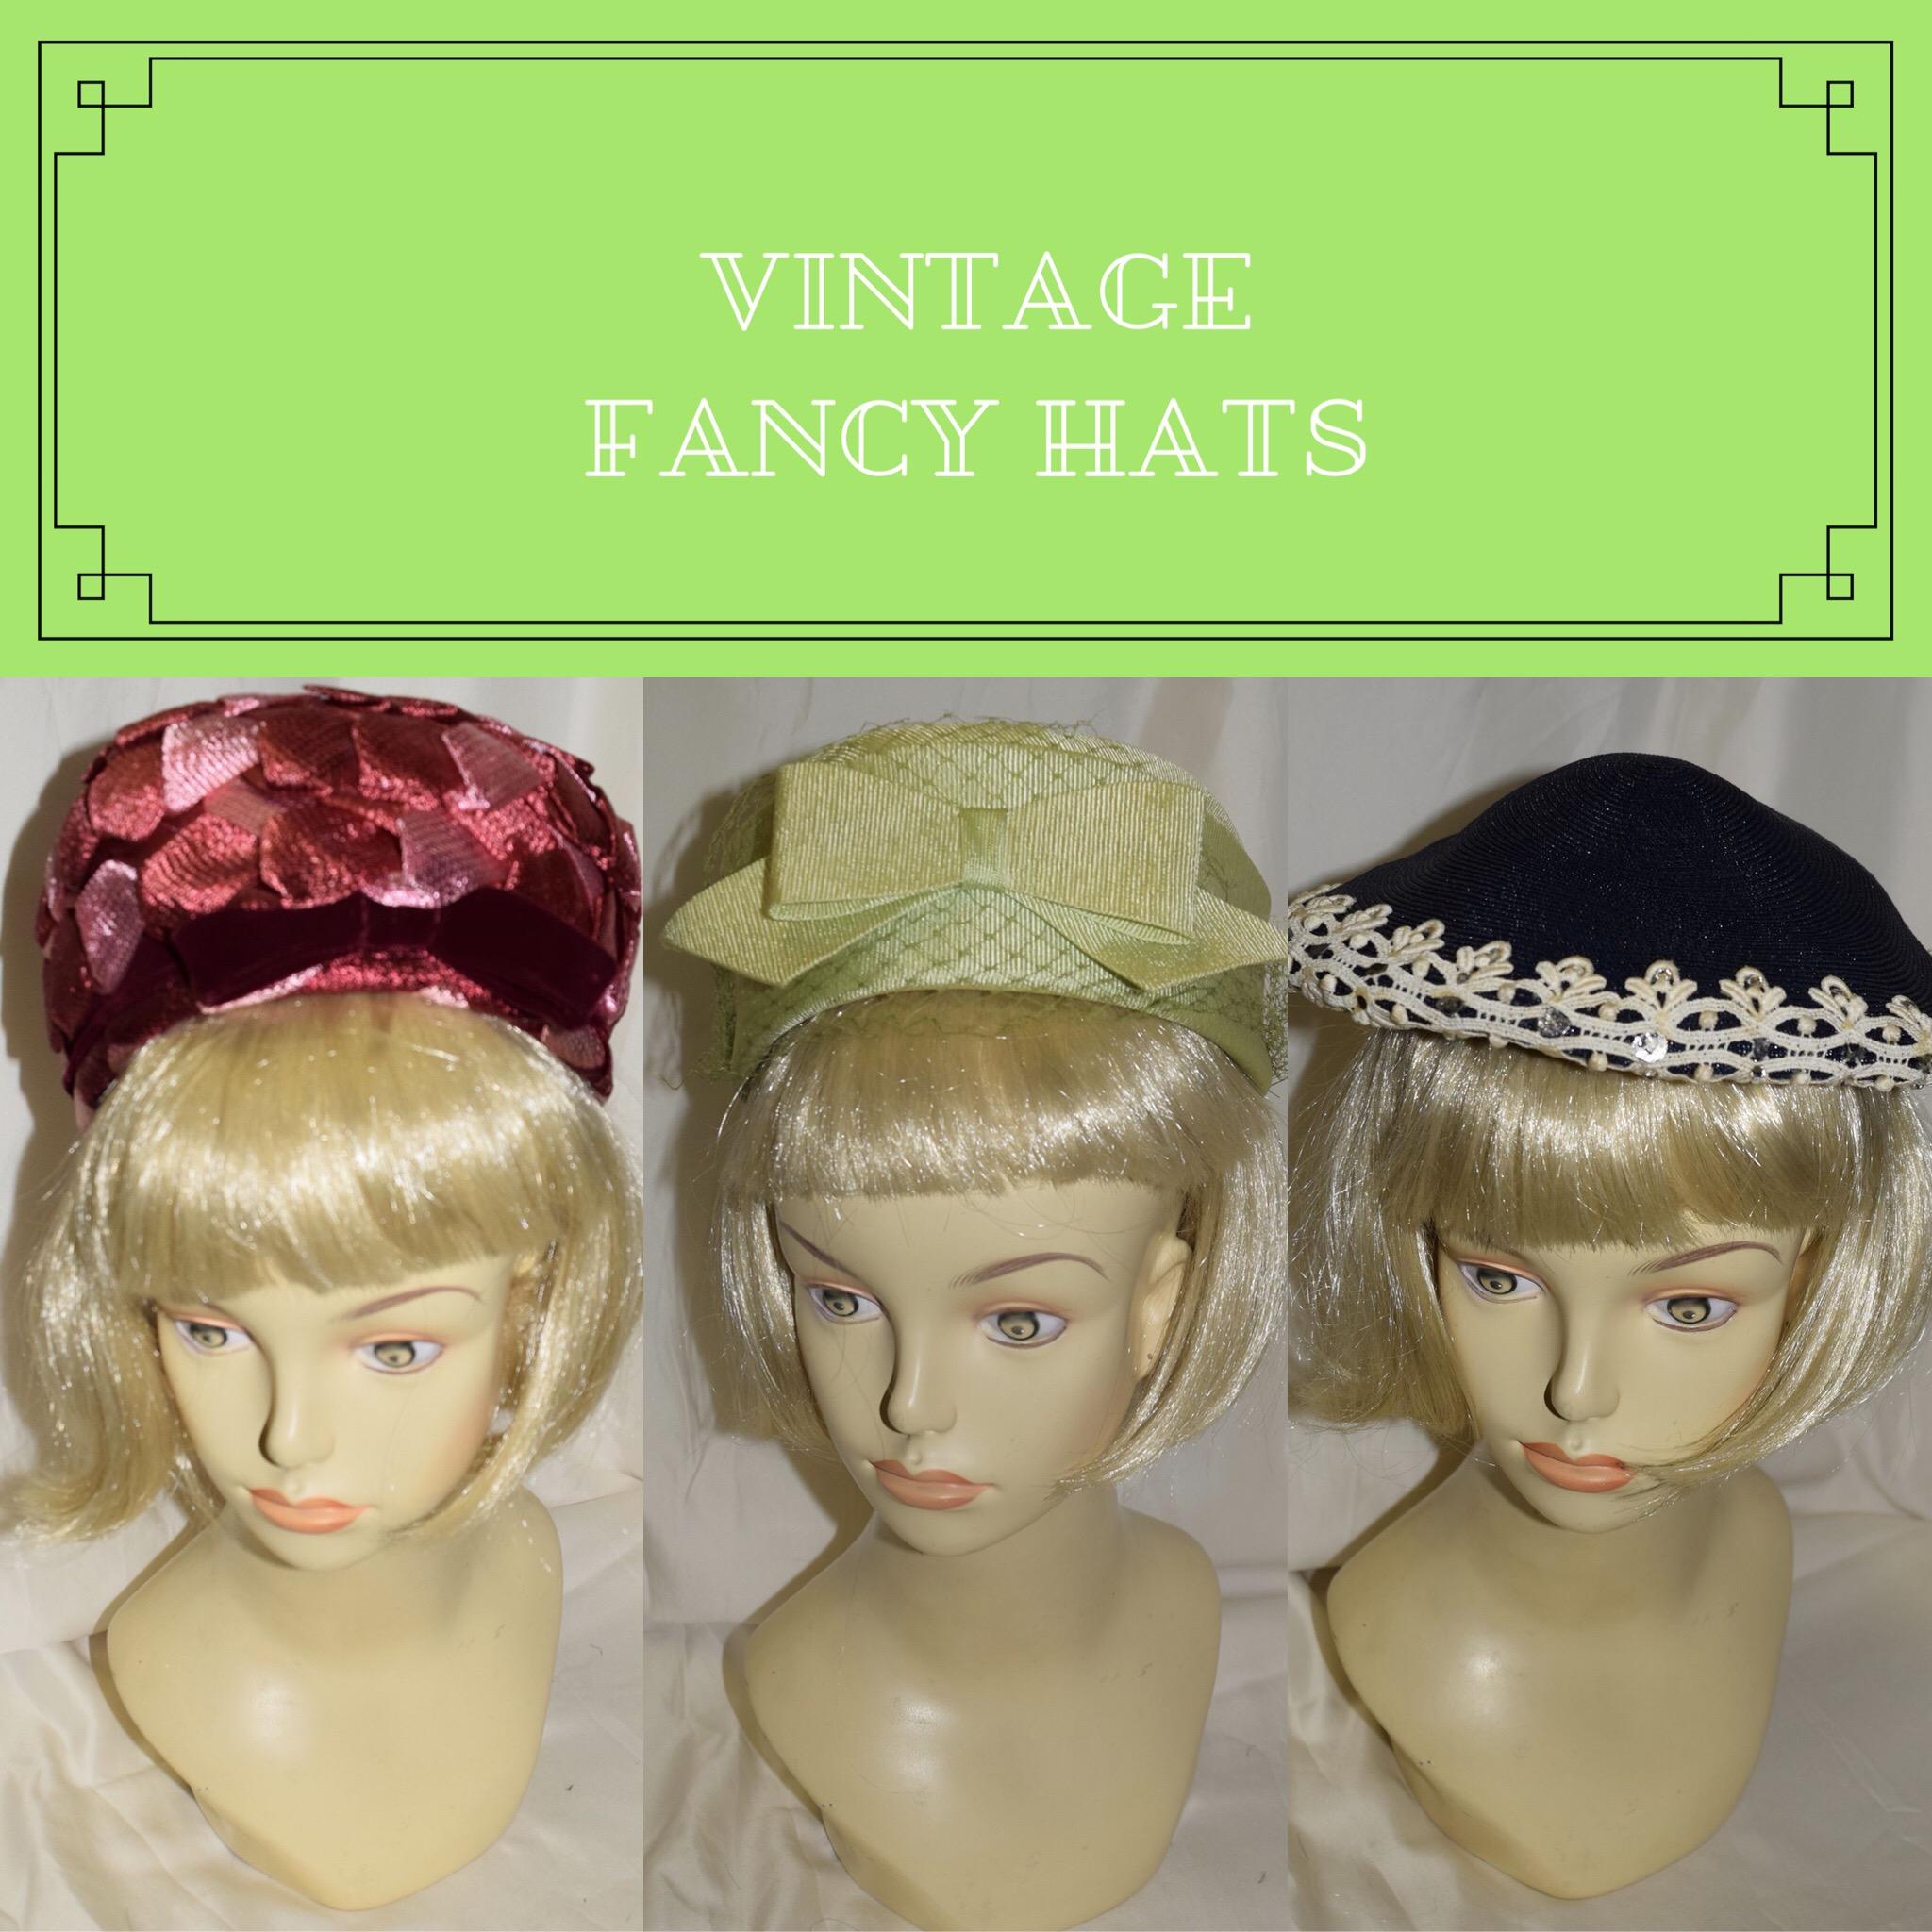 Vintage Fancy Hats